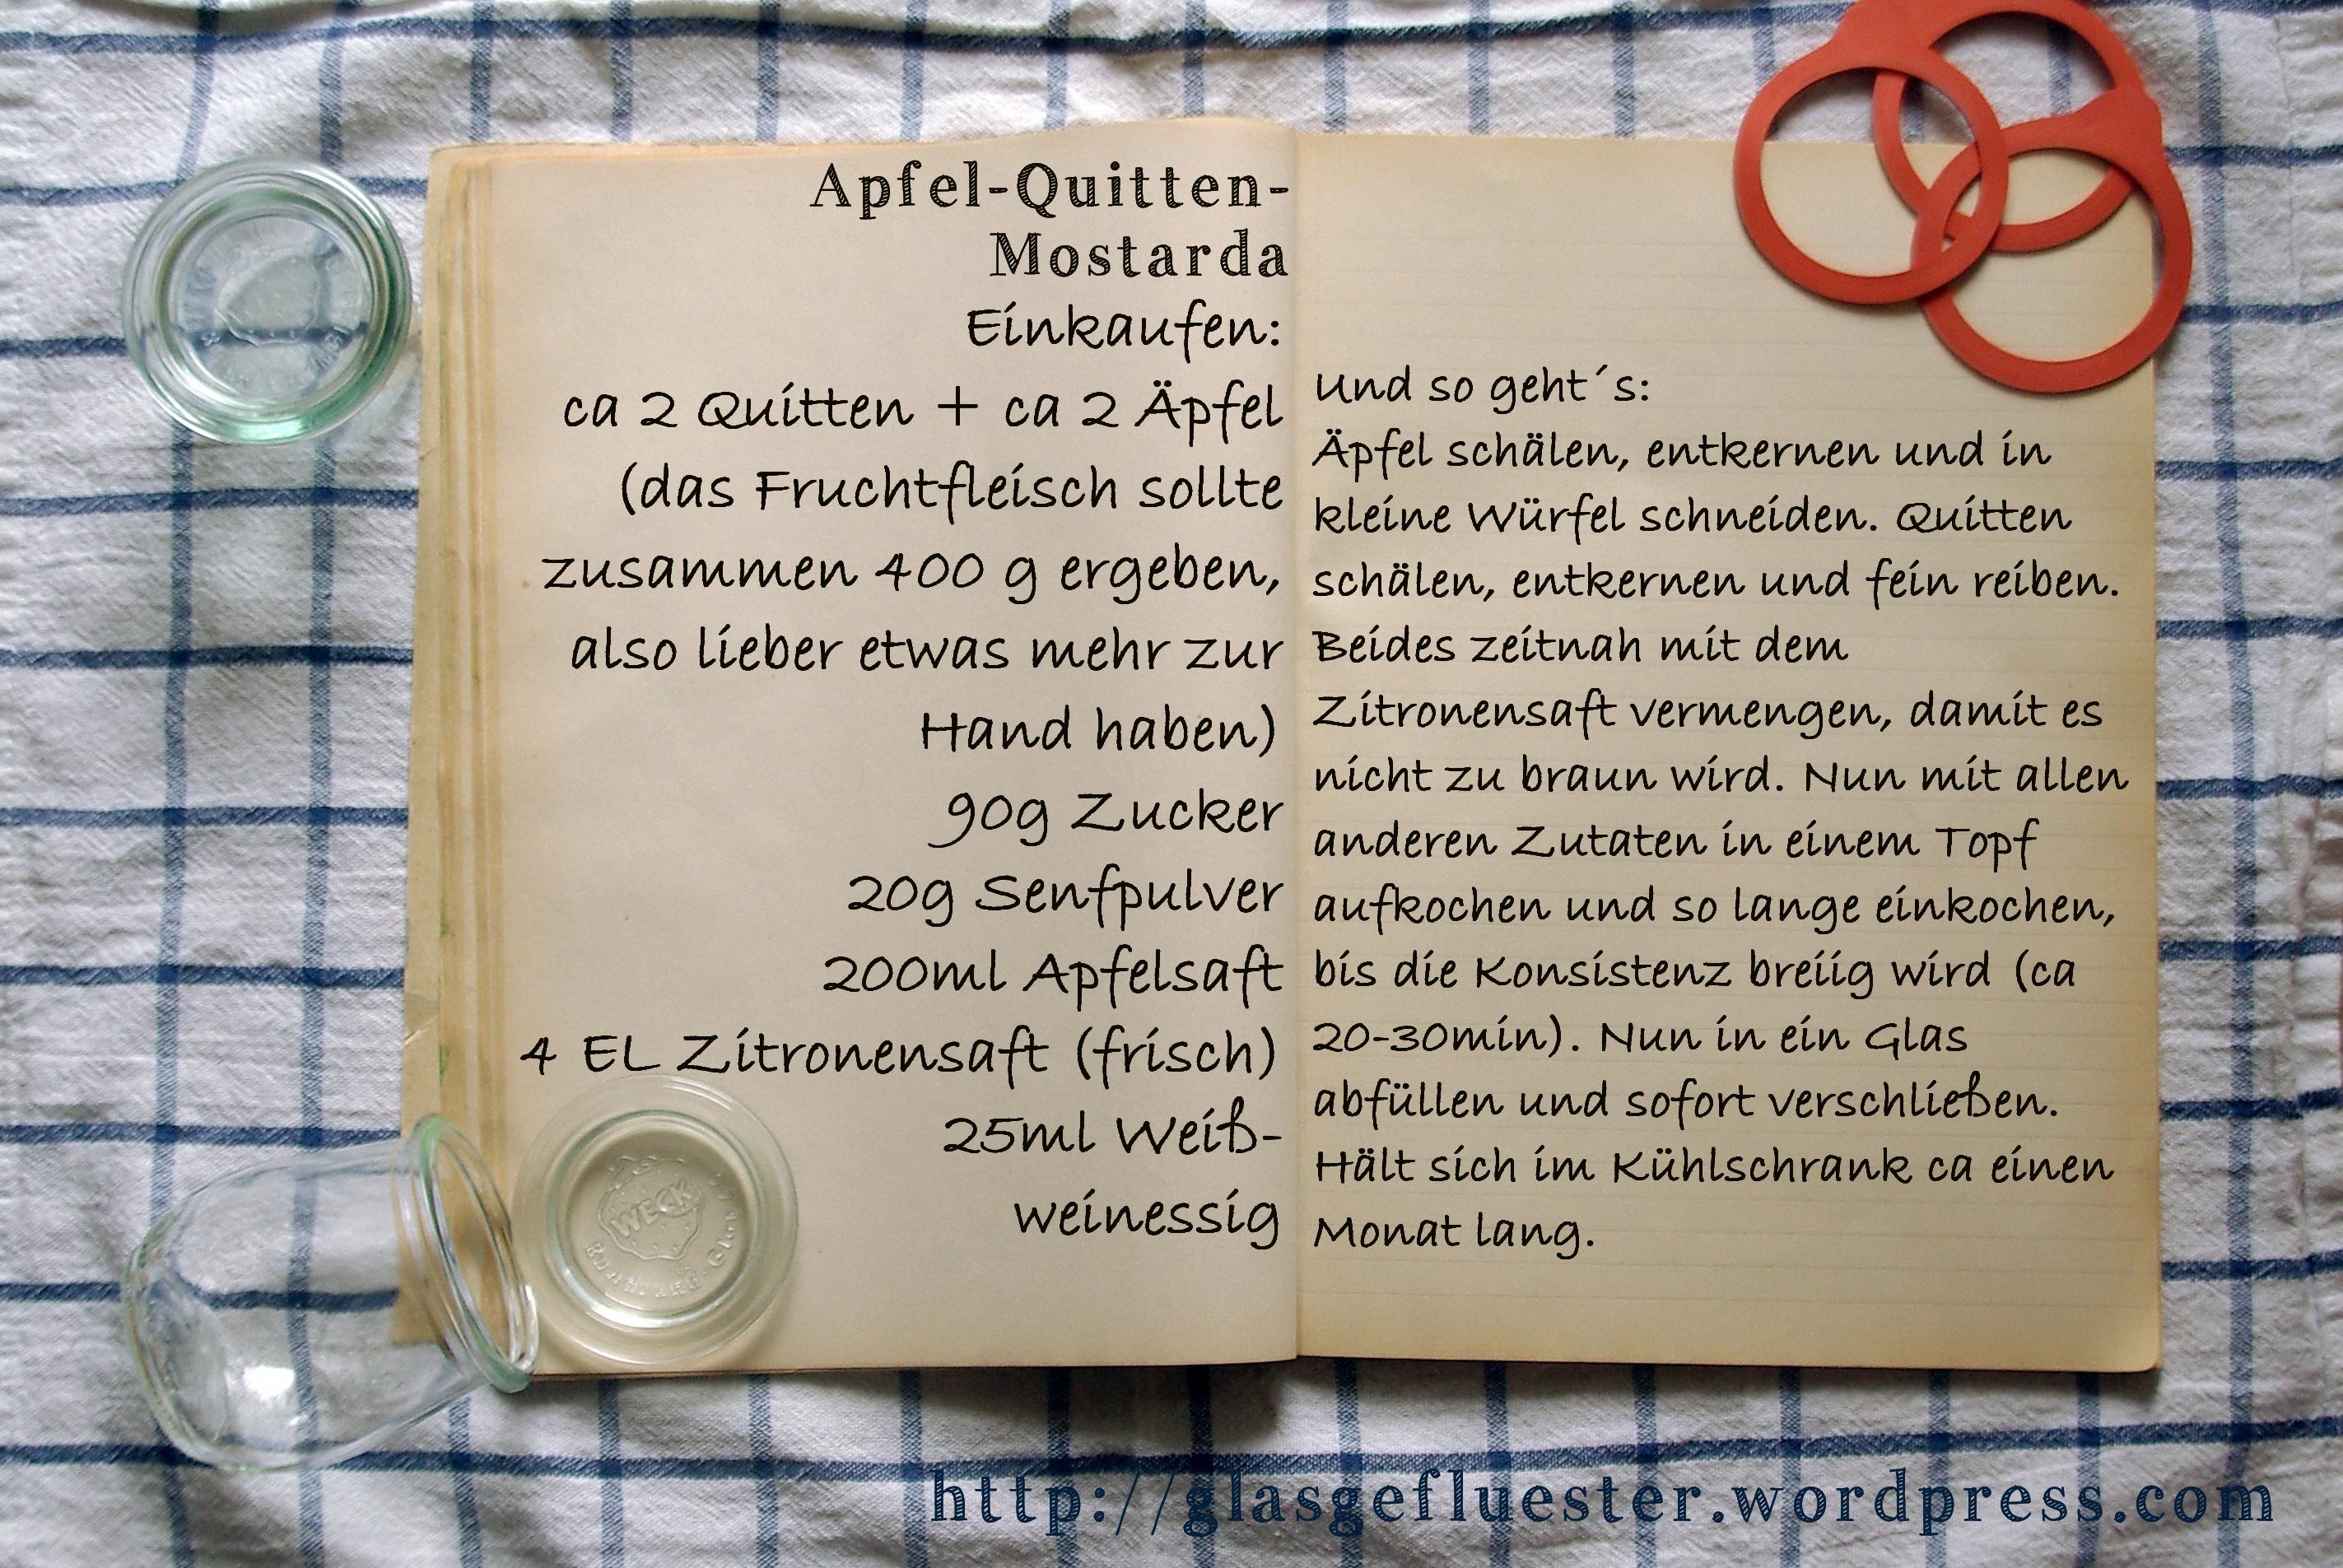 Einkaufszettel Apfel Quitten Mostarda by Glasgeflüster